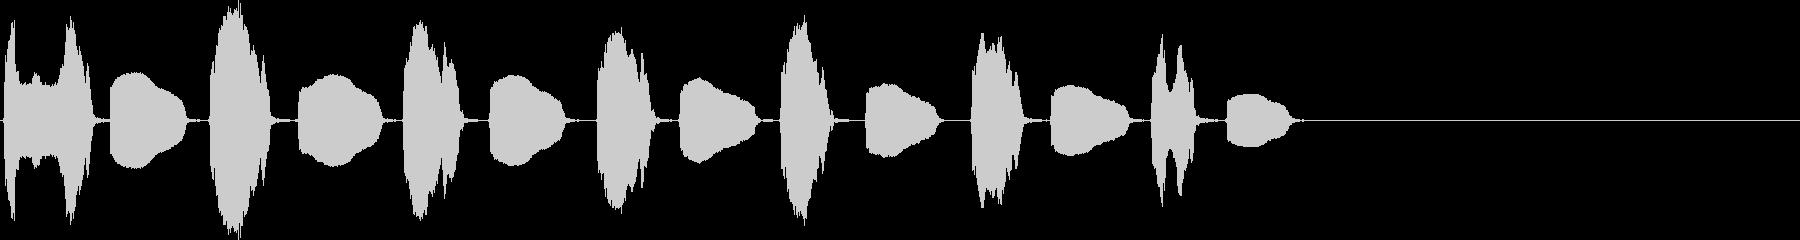 スクイーキーグッズラバーダッキーロングbの未再生の波形